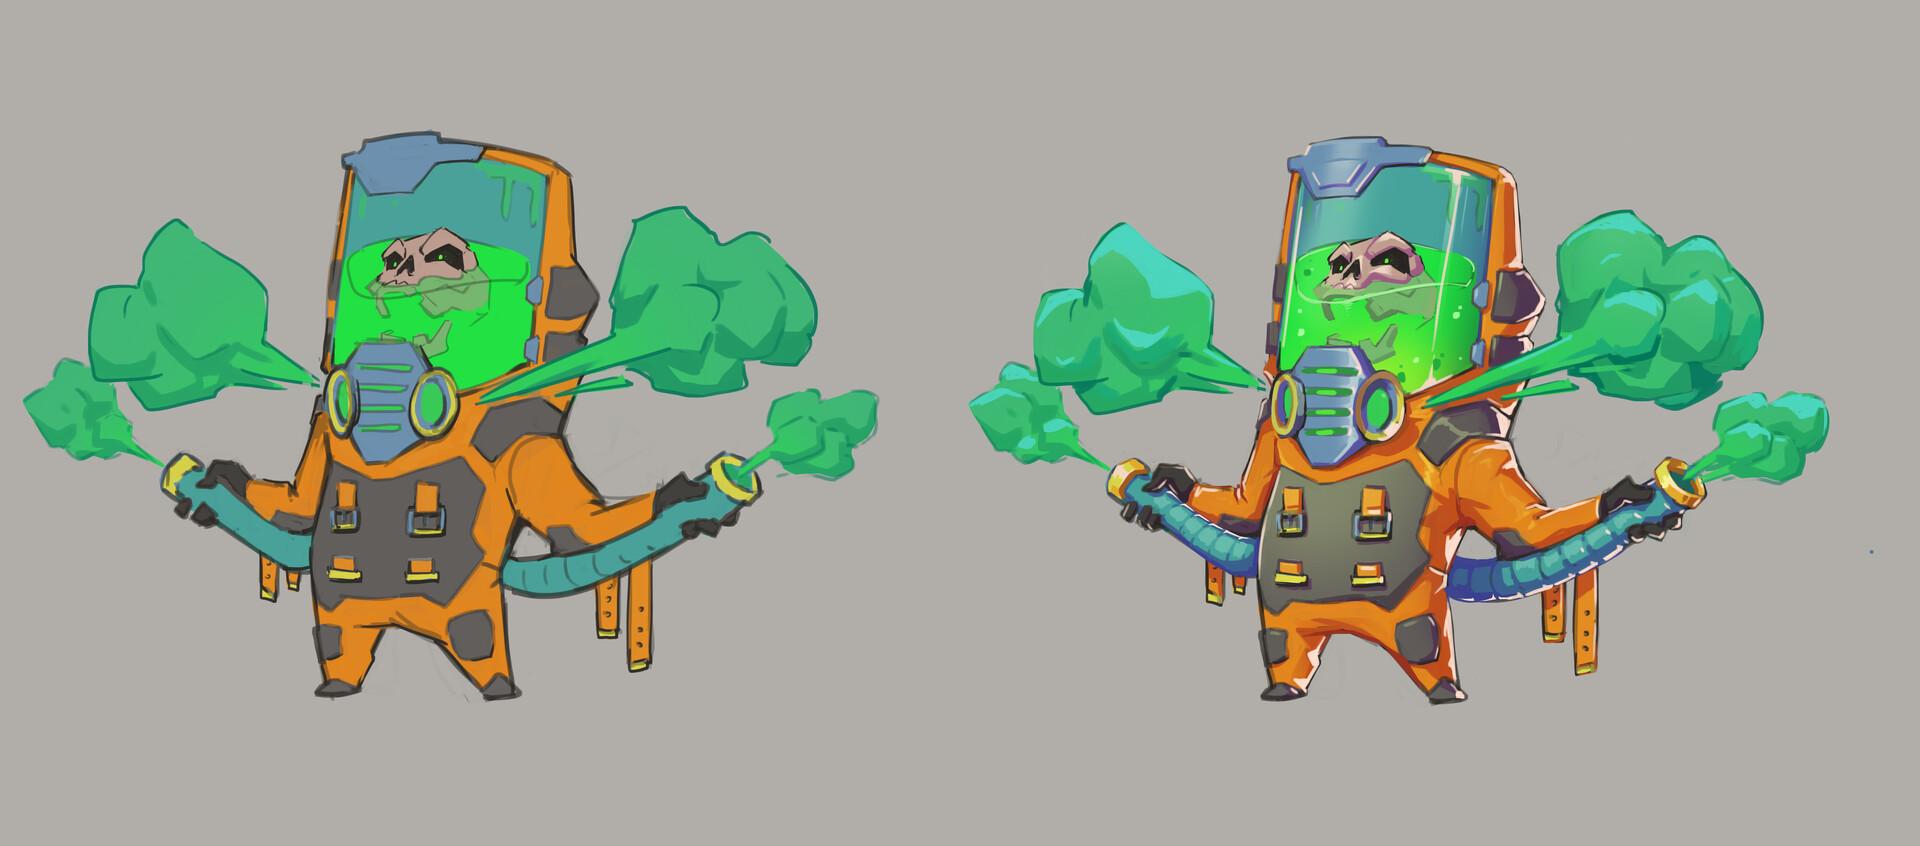 chosen color vs rendered